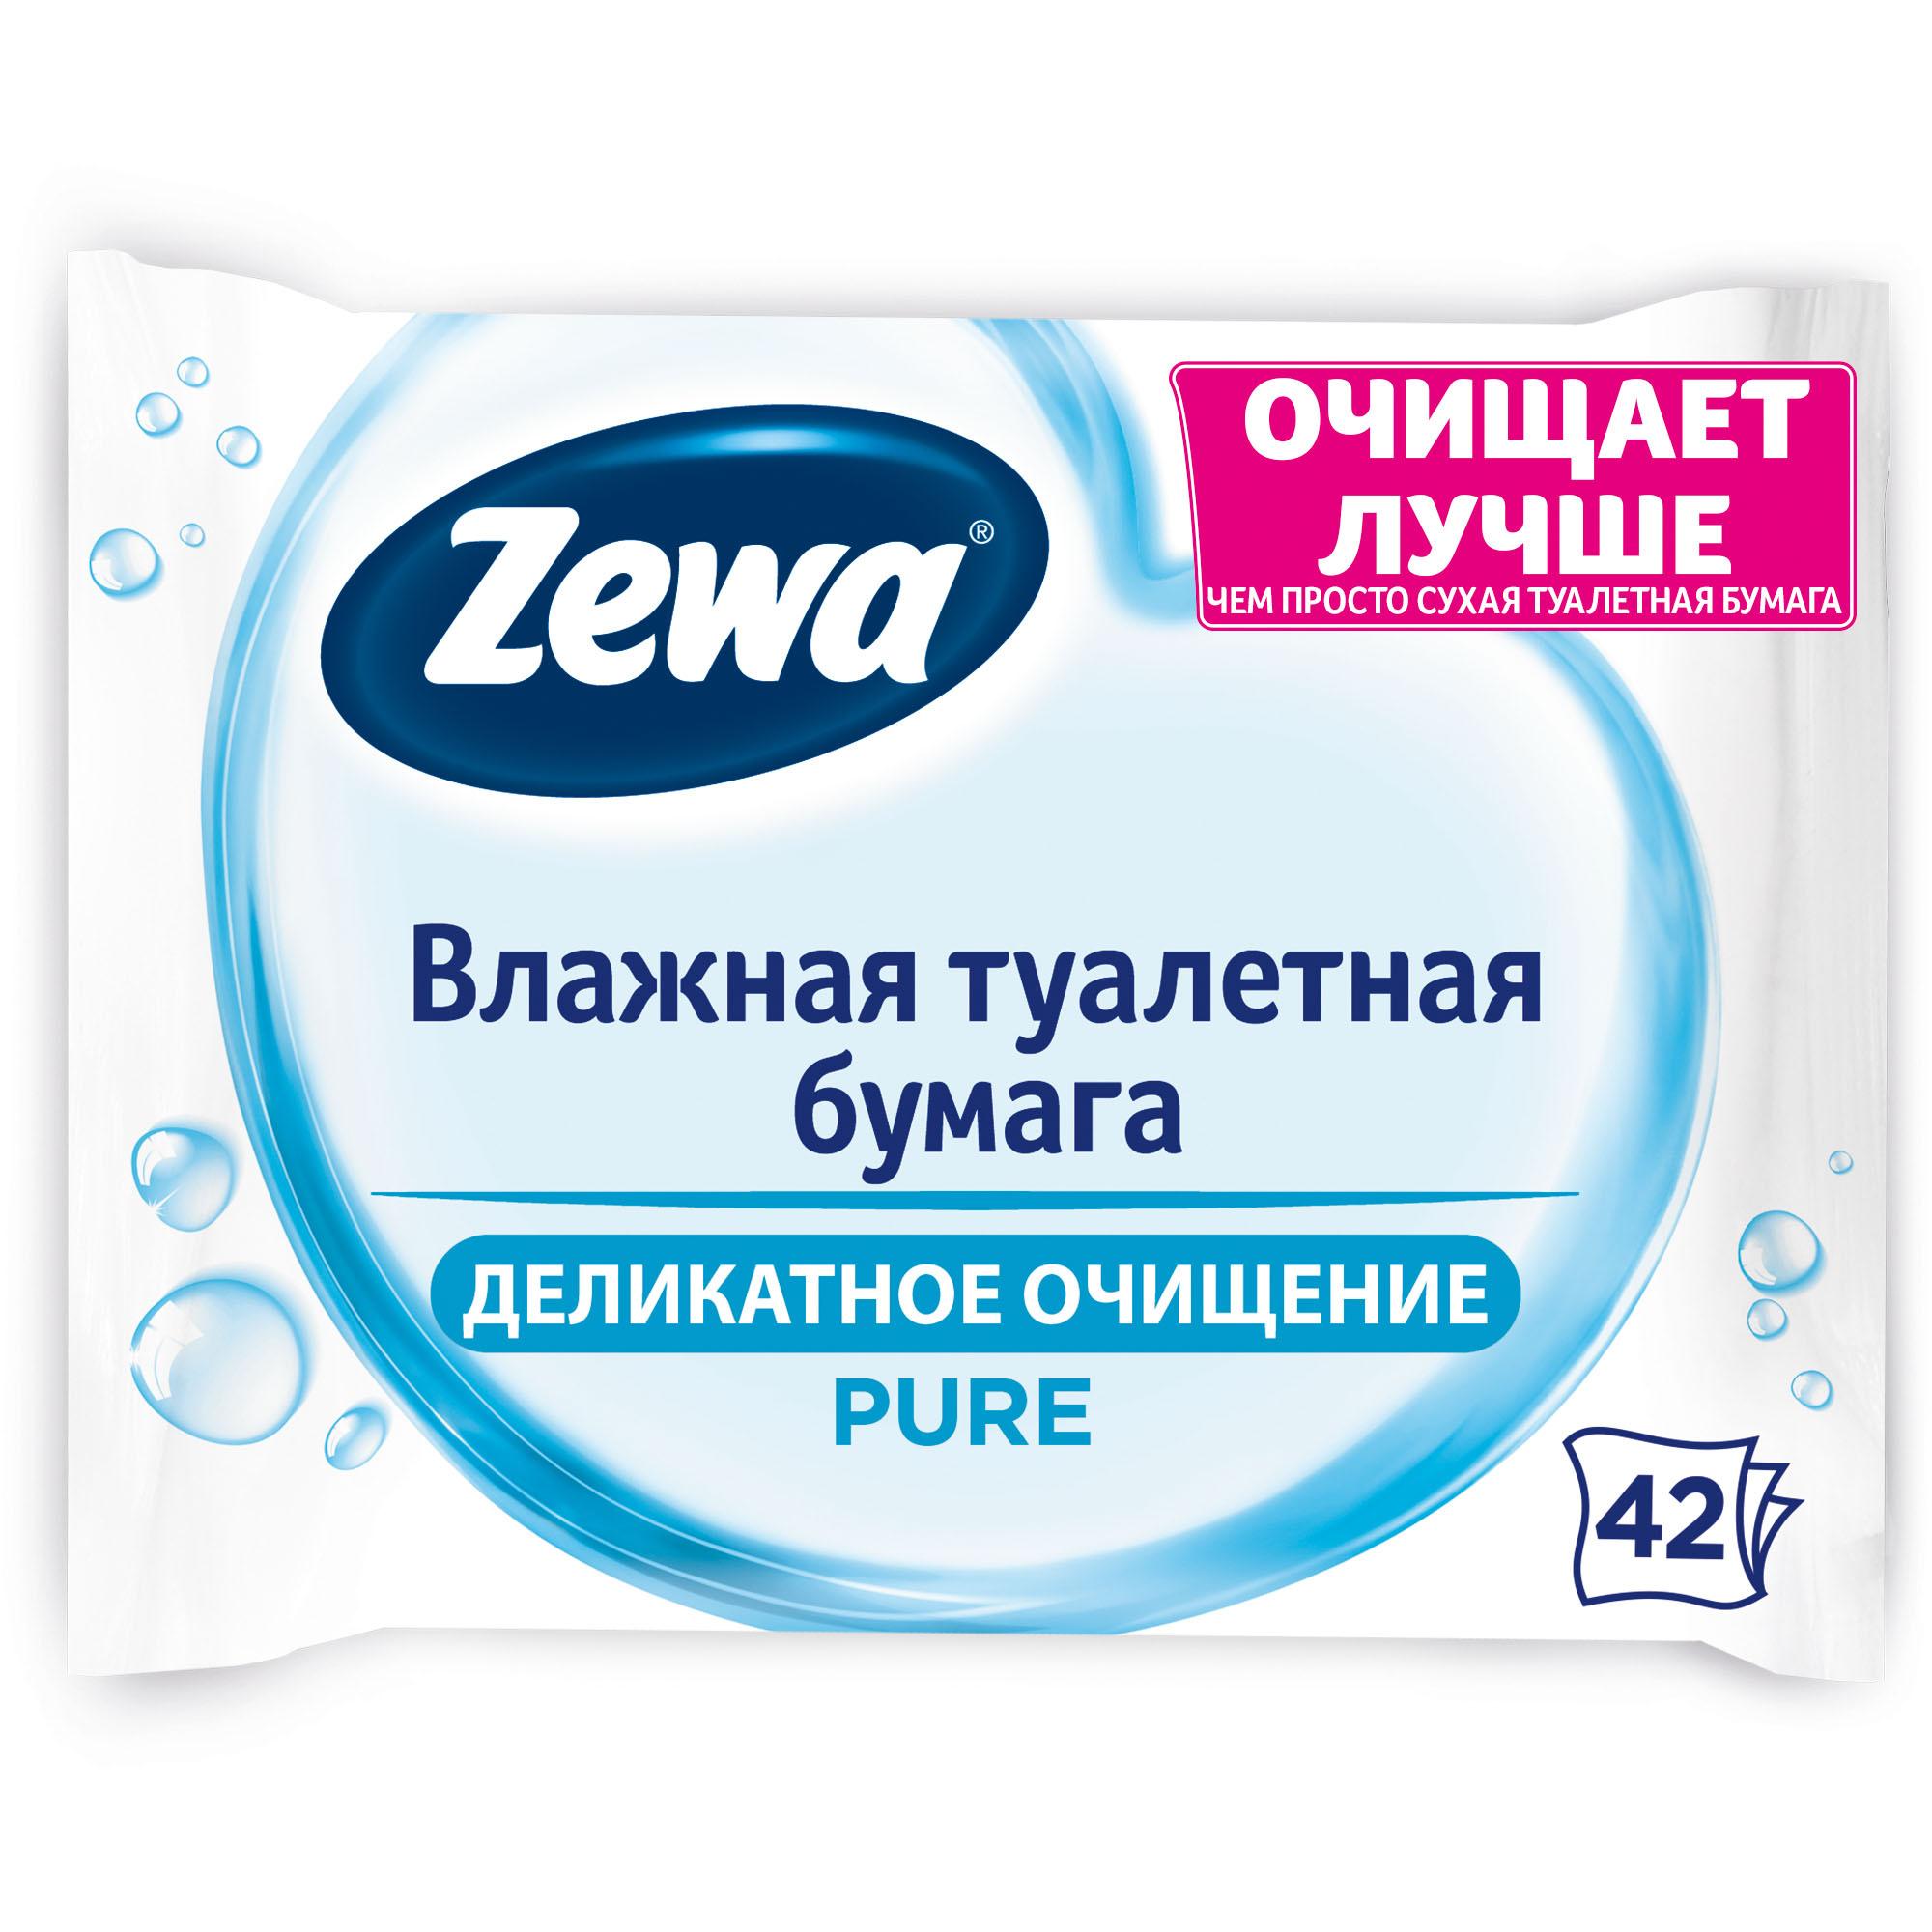 Туалетная бумага Zewa без аромата, влажная, 42 шт.